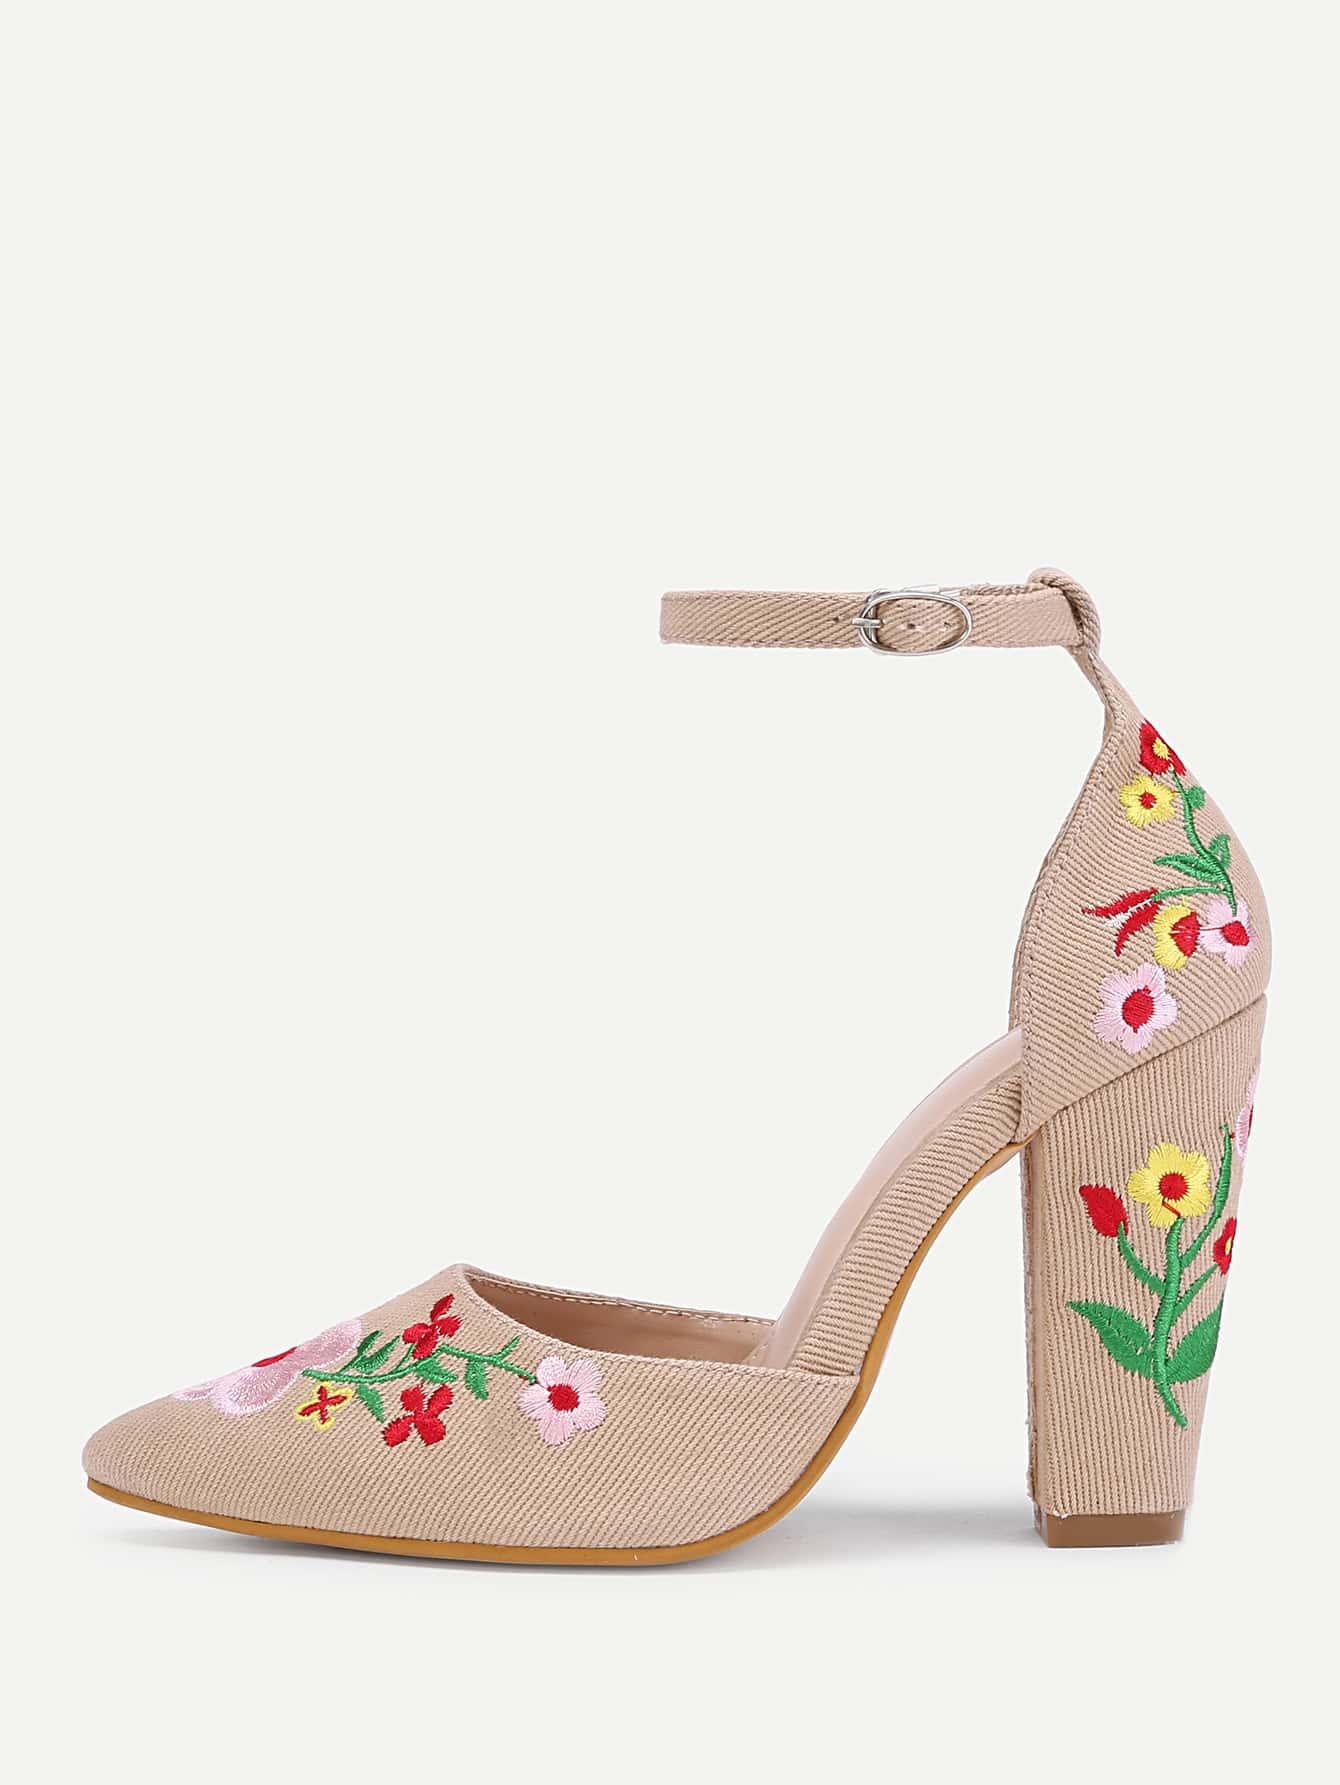 Фото Calico Embroidery Pointed Toe Denim Heels. Купить с доставкой